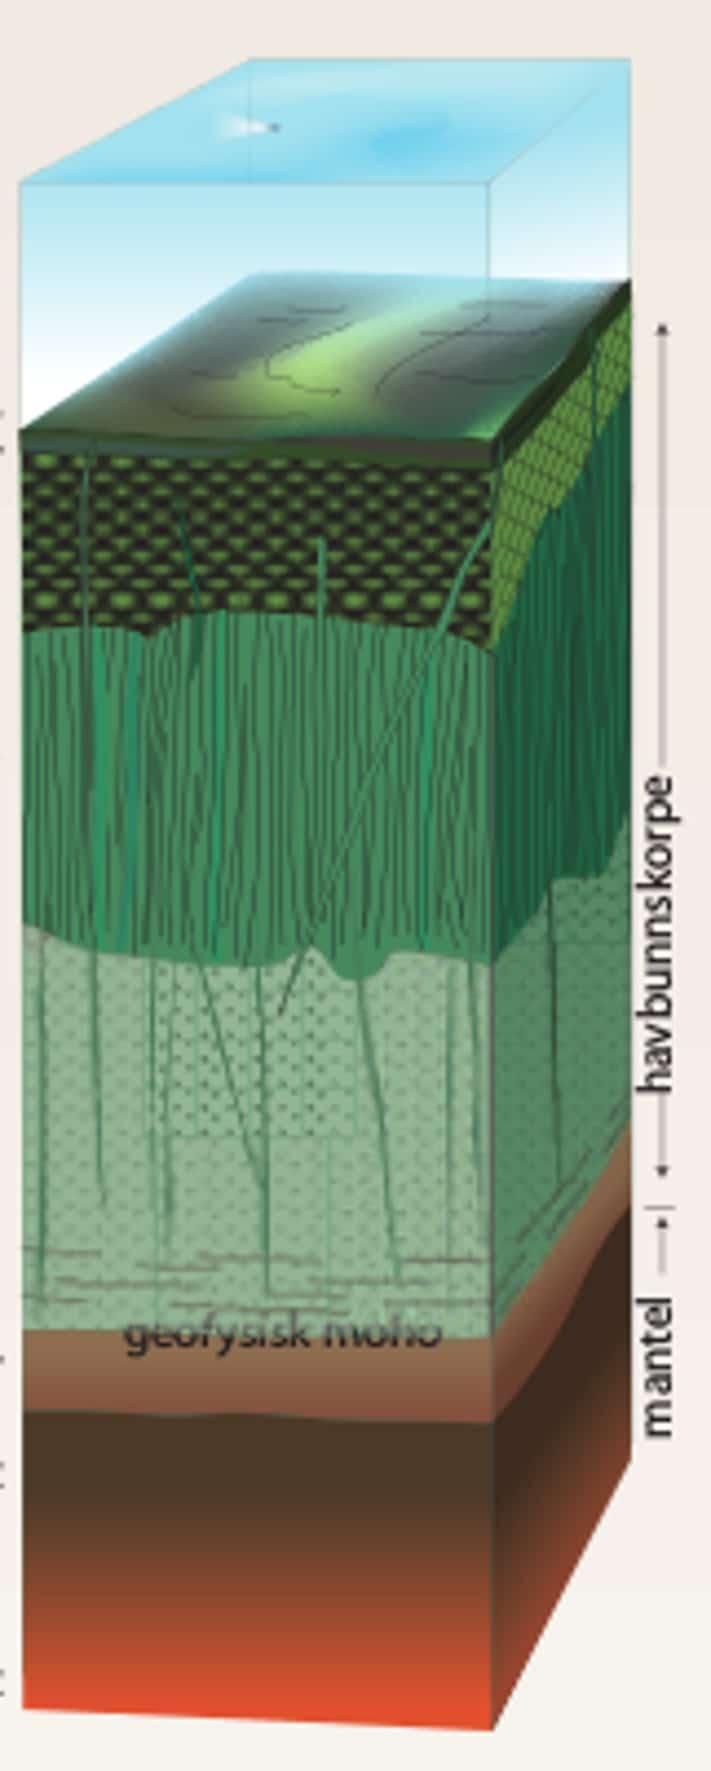 Ofiollittsekvens med mantel nederst og skorpebergarter øverst. Skorpen består av gabbro (lys grønn), gangkomplekser (mørk grønn med tette streker) og putelava olivengrønn). Over skorpen ligger et lag med sedimenter (brun). Kilde: Landet blir til (NGF, 2006)